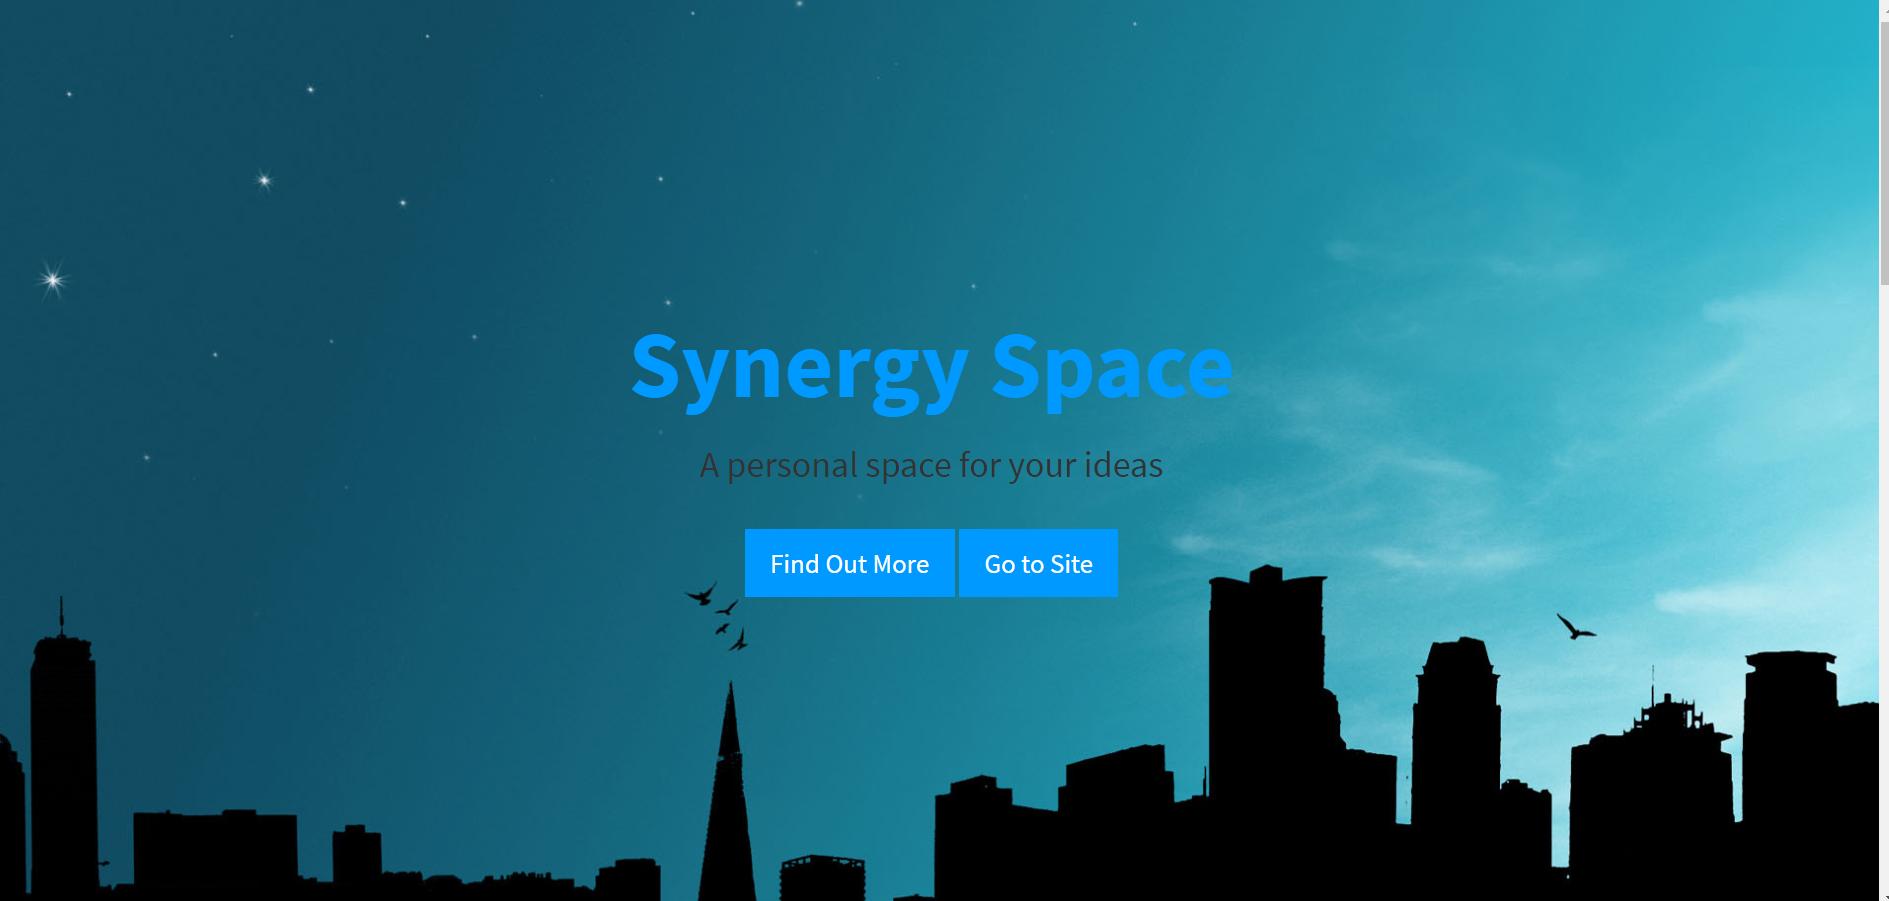 Synergy Space